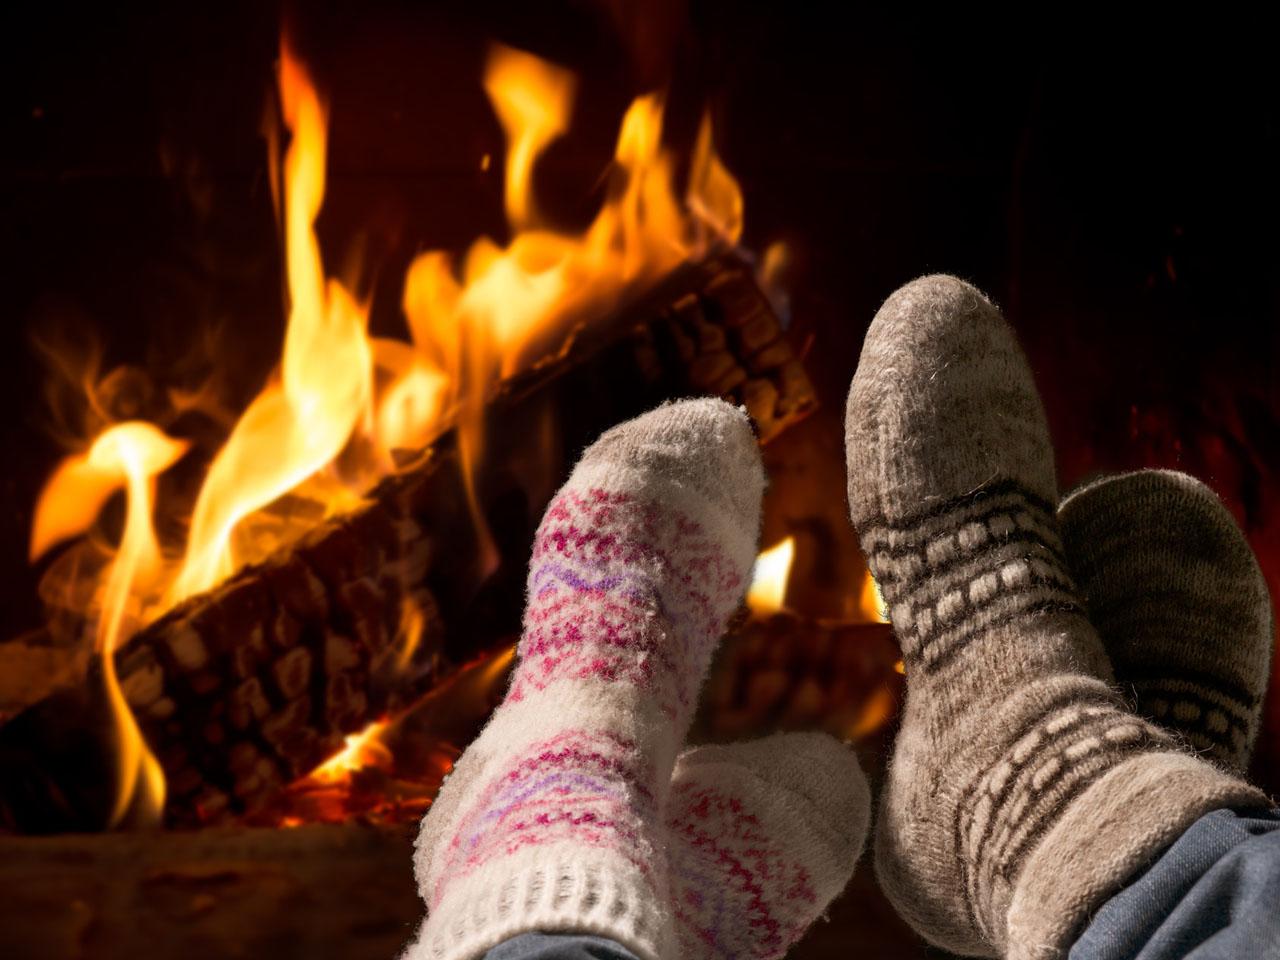 Se chauffer efficacement cet hiver